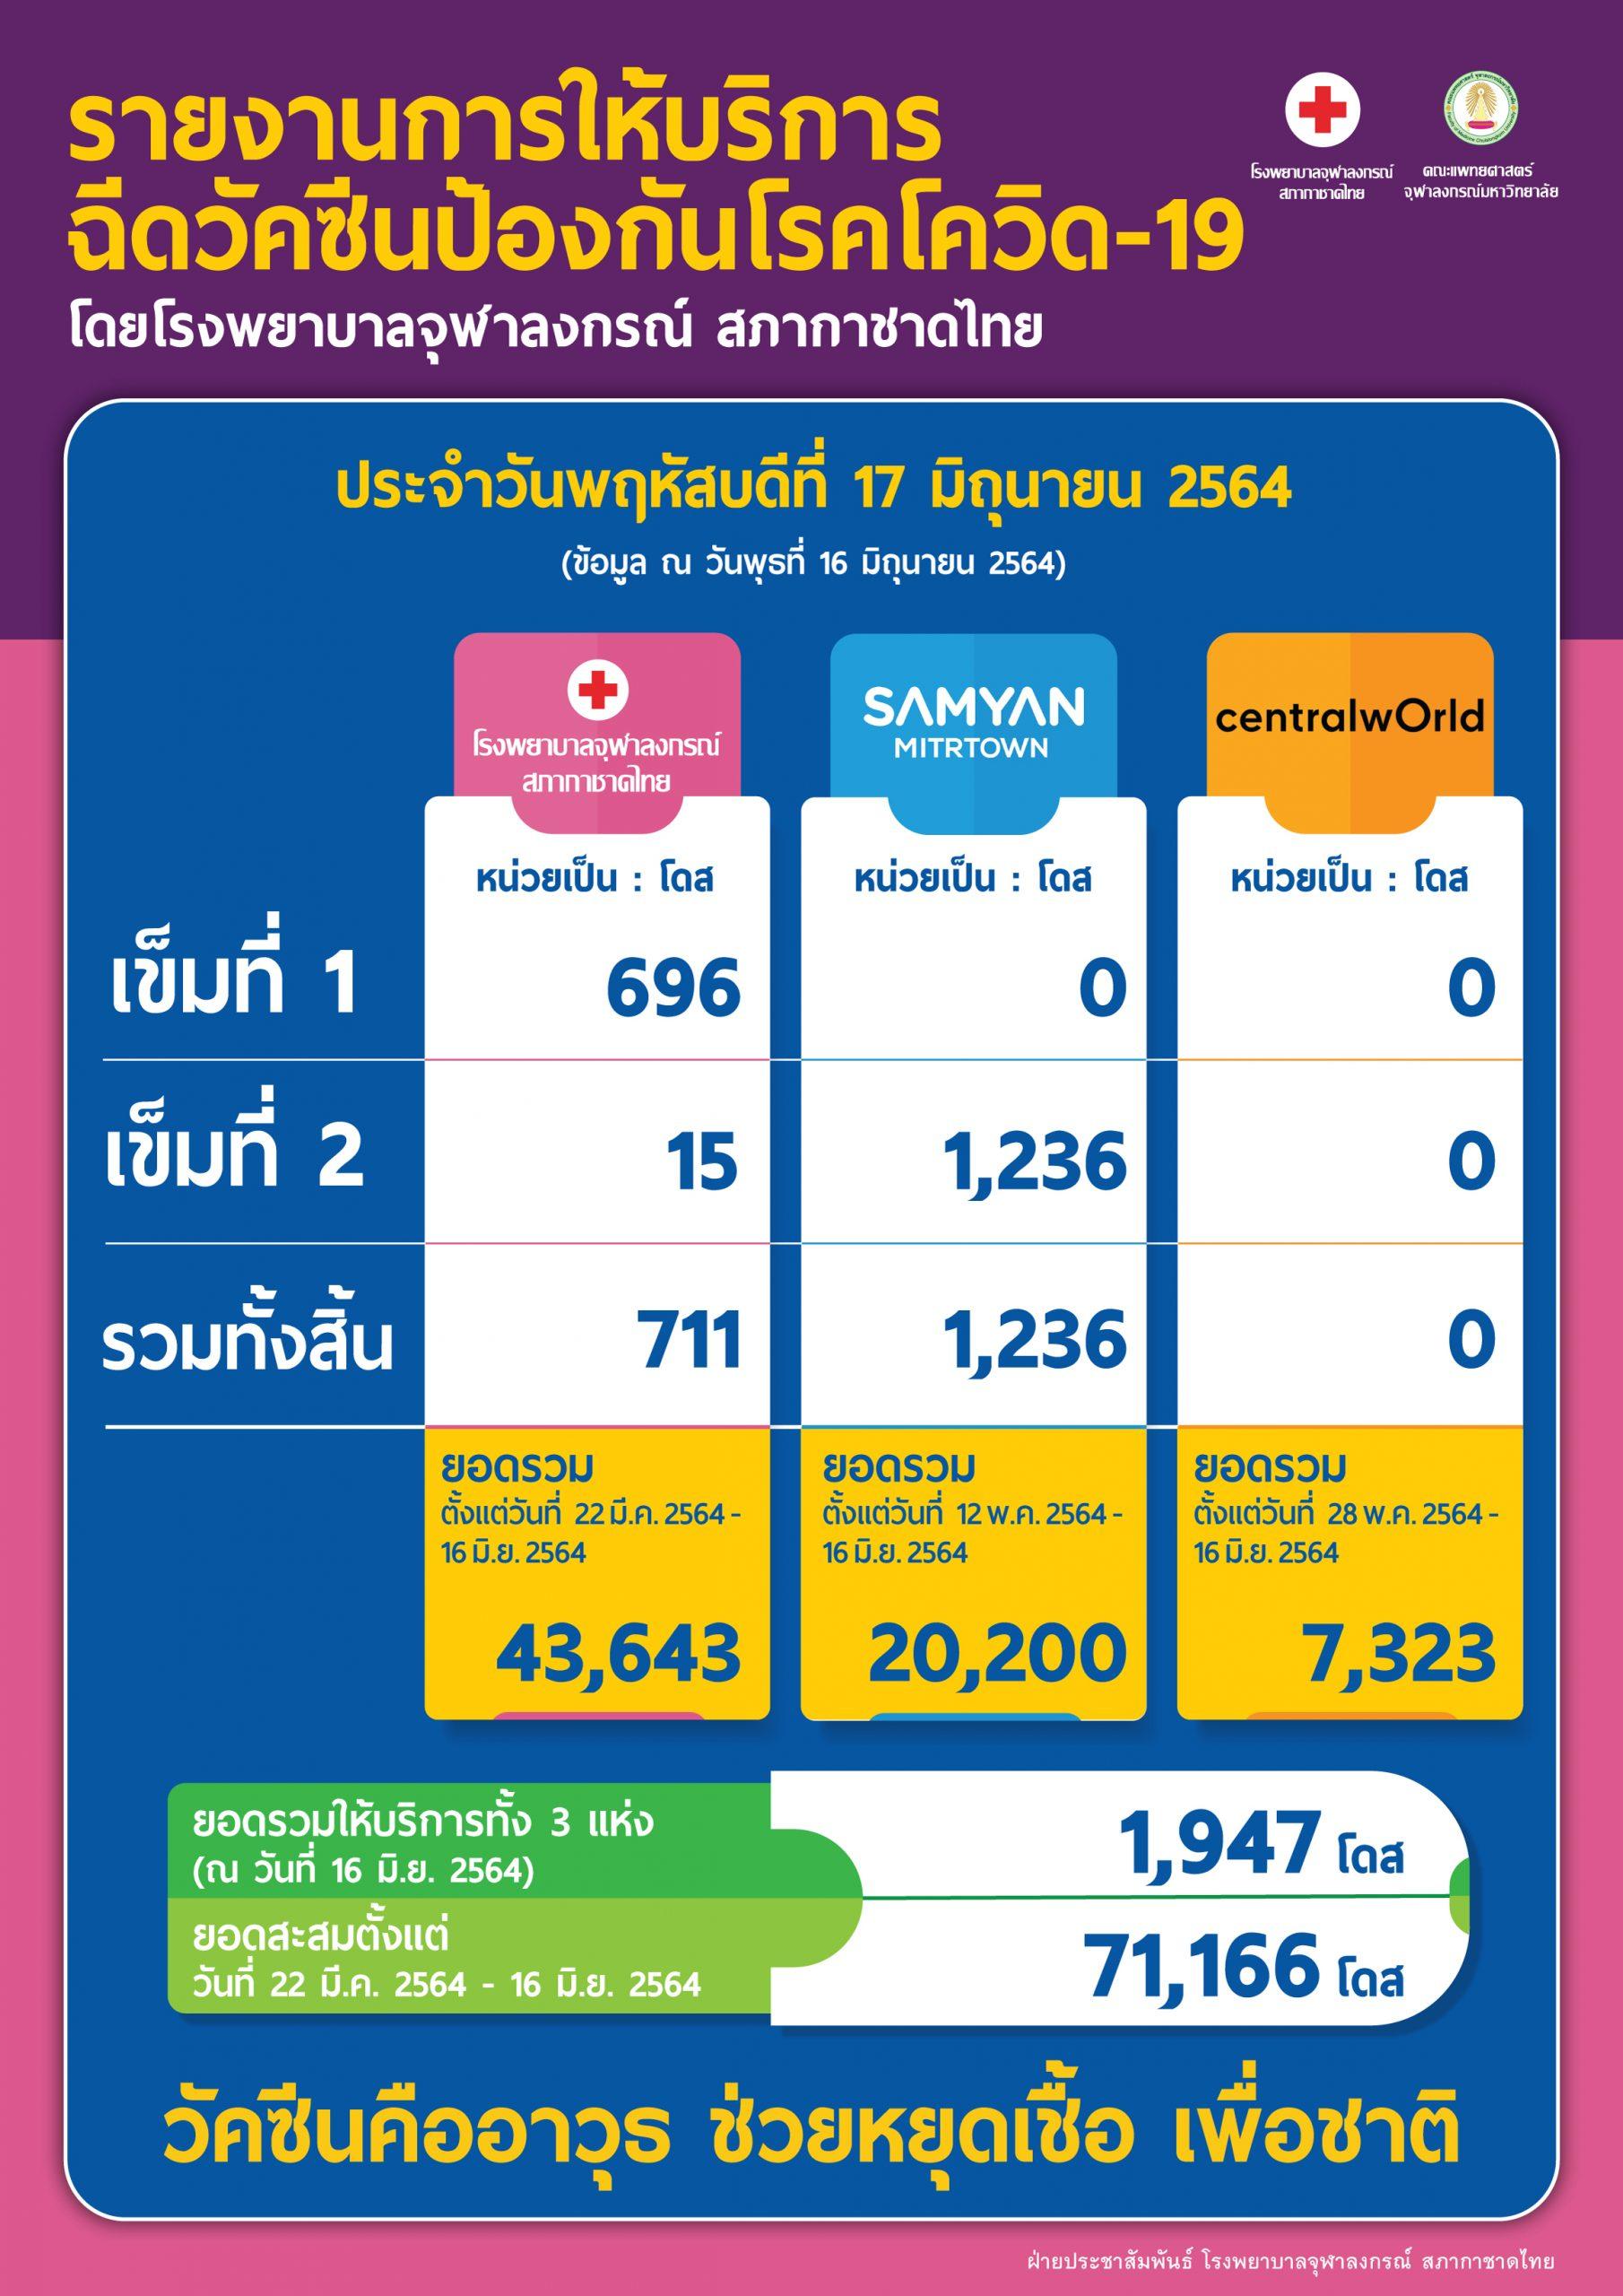 รายงานการให้บริการฉีดวัคซีนป้องกันโรคโควิด-19 โดยโรงพยาบาลจุฬาลงกรณ์ สภากาชาดไทย ประจำวันพฤหัสบดีที่ 17 มิถุนายน 2564